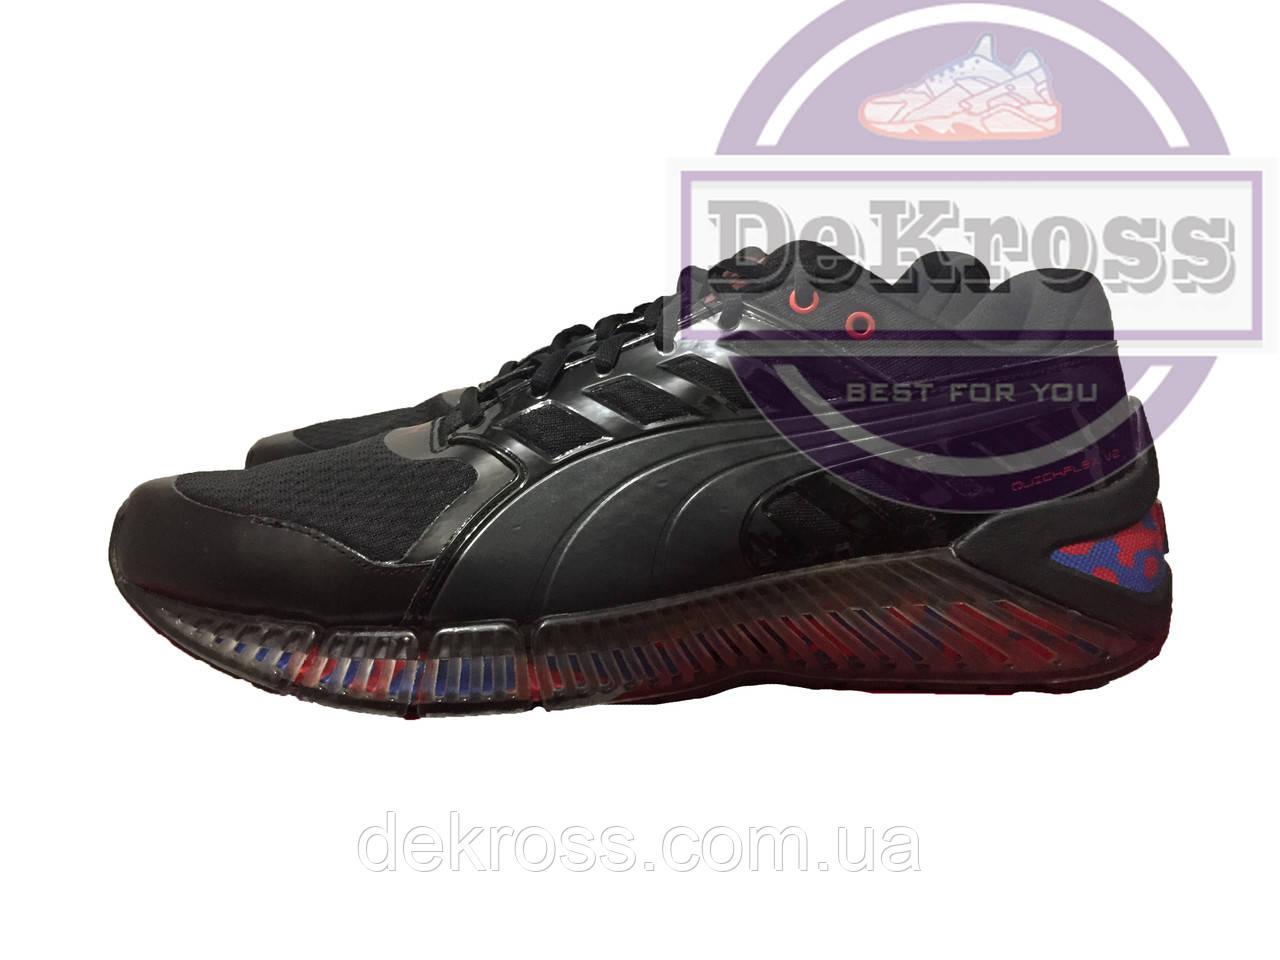 Кроссовки Puma QuickFlex v2 (Dark) Оригинал 187551 01